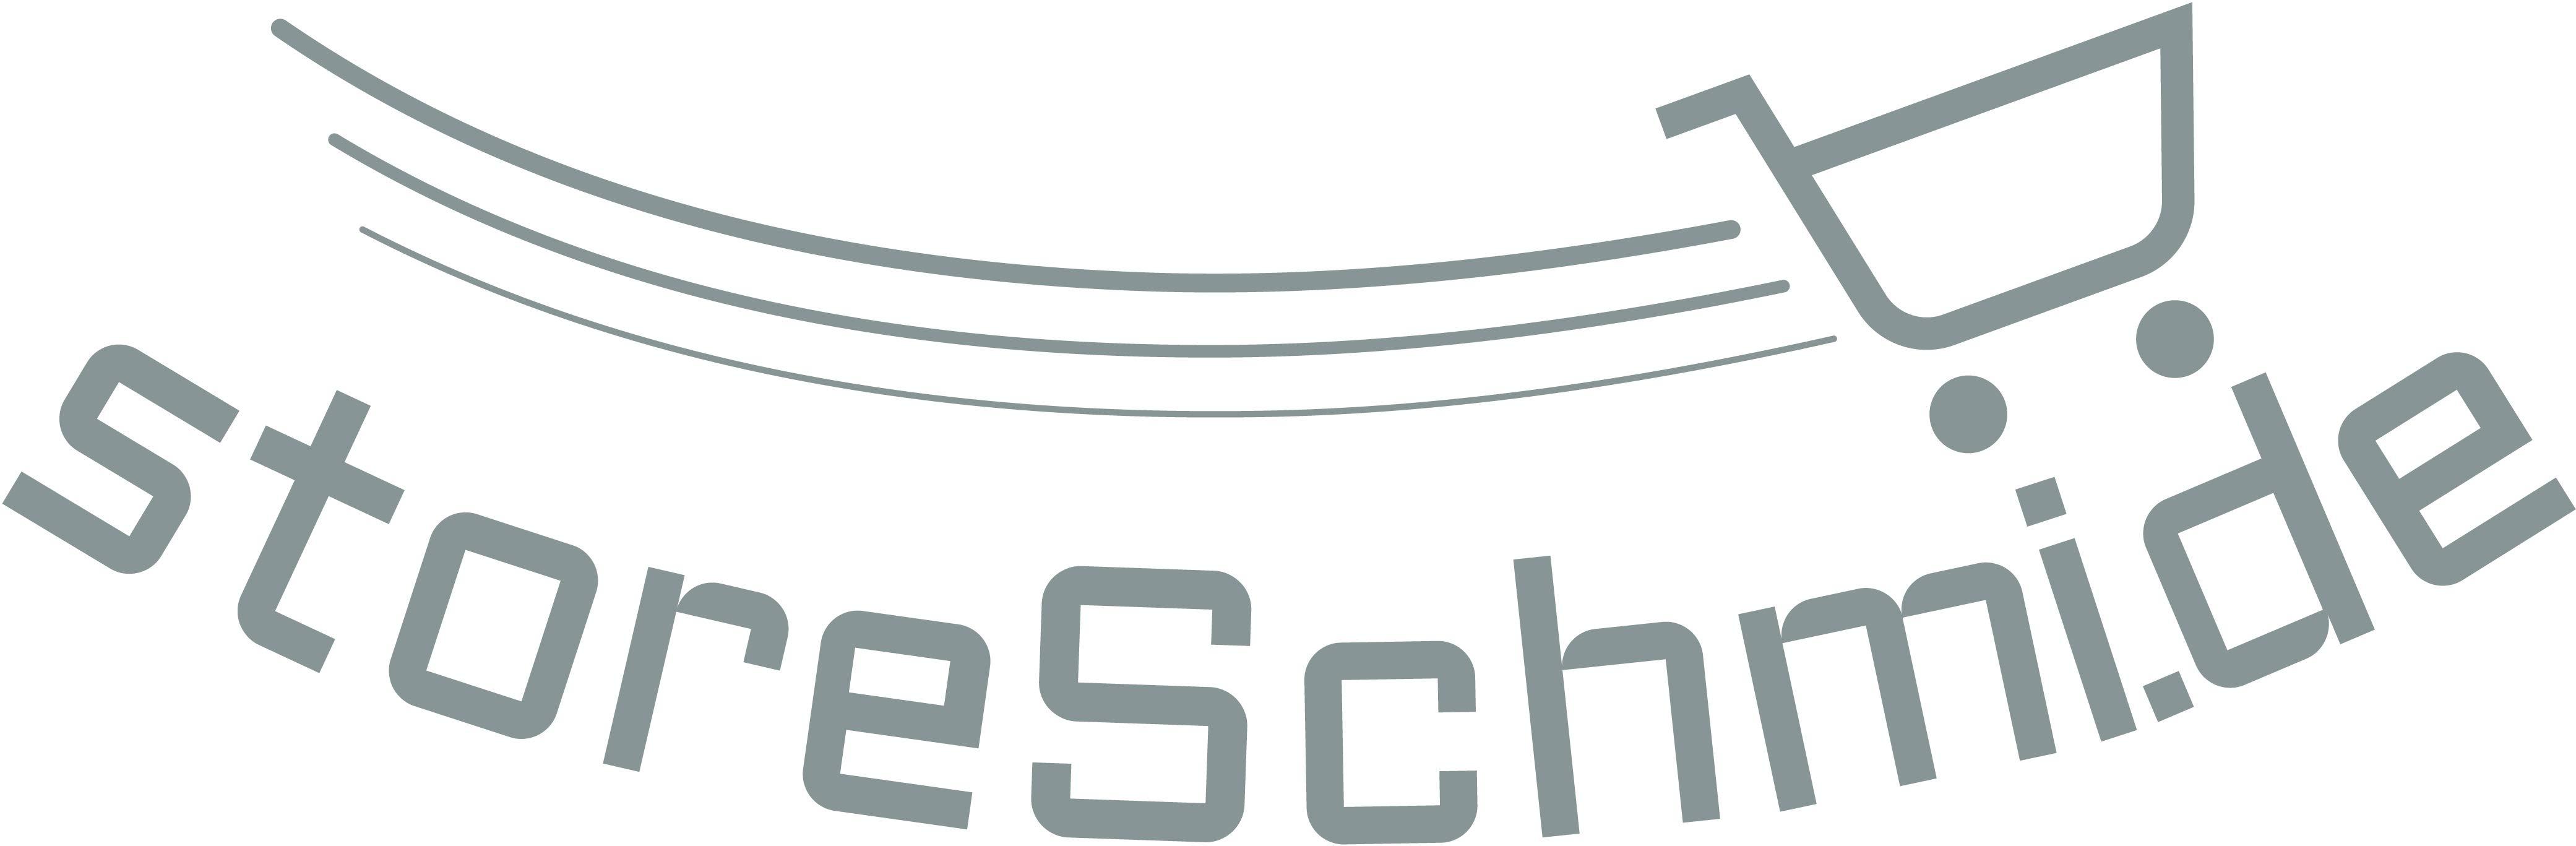 Storeschmi.de logo